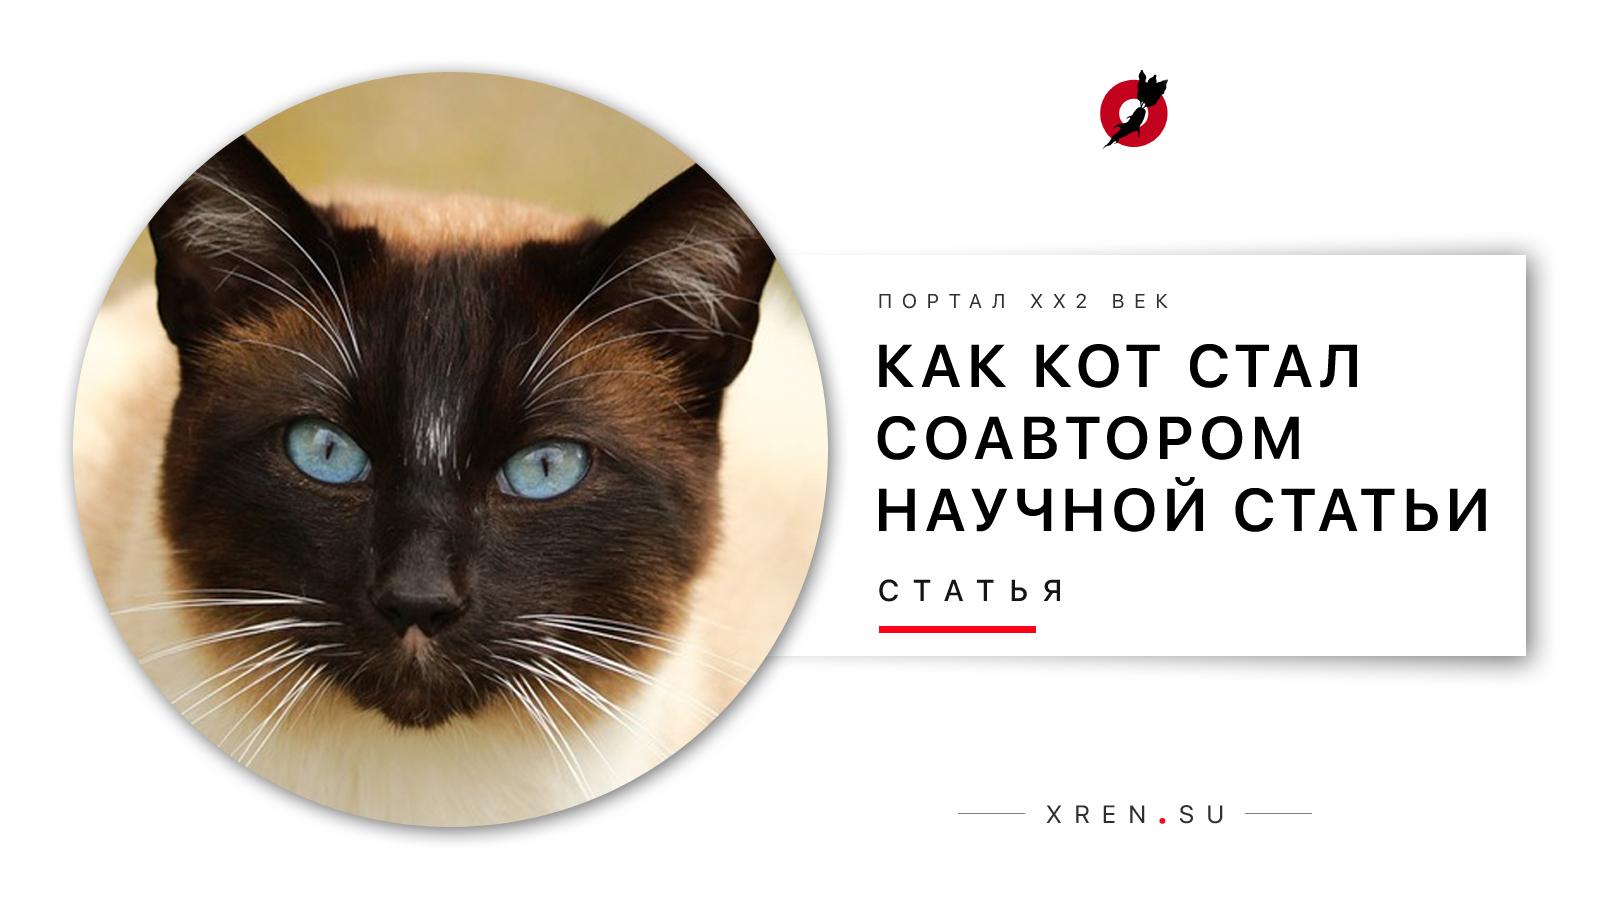 Как кот стал соавтором научной статьи